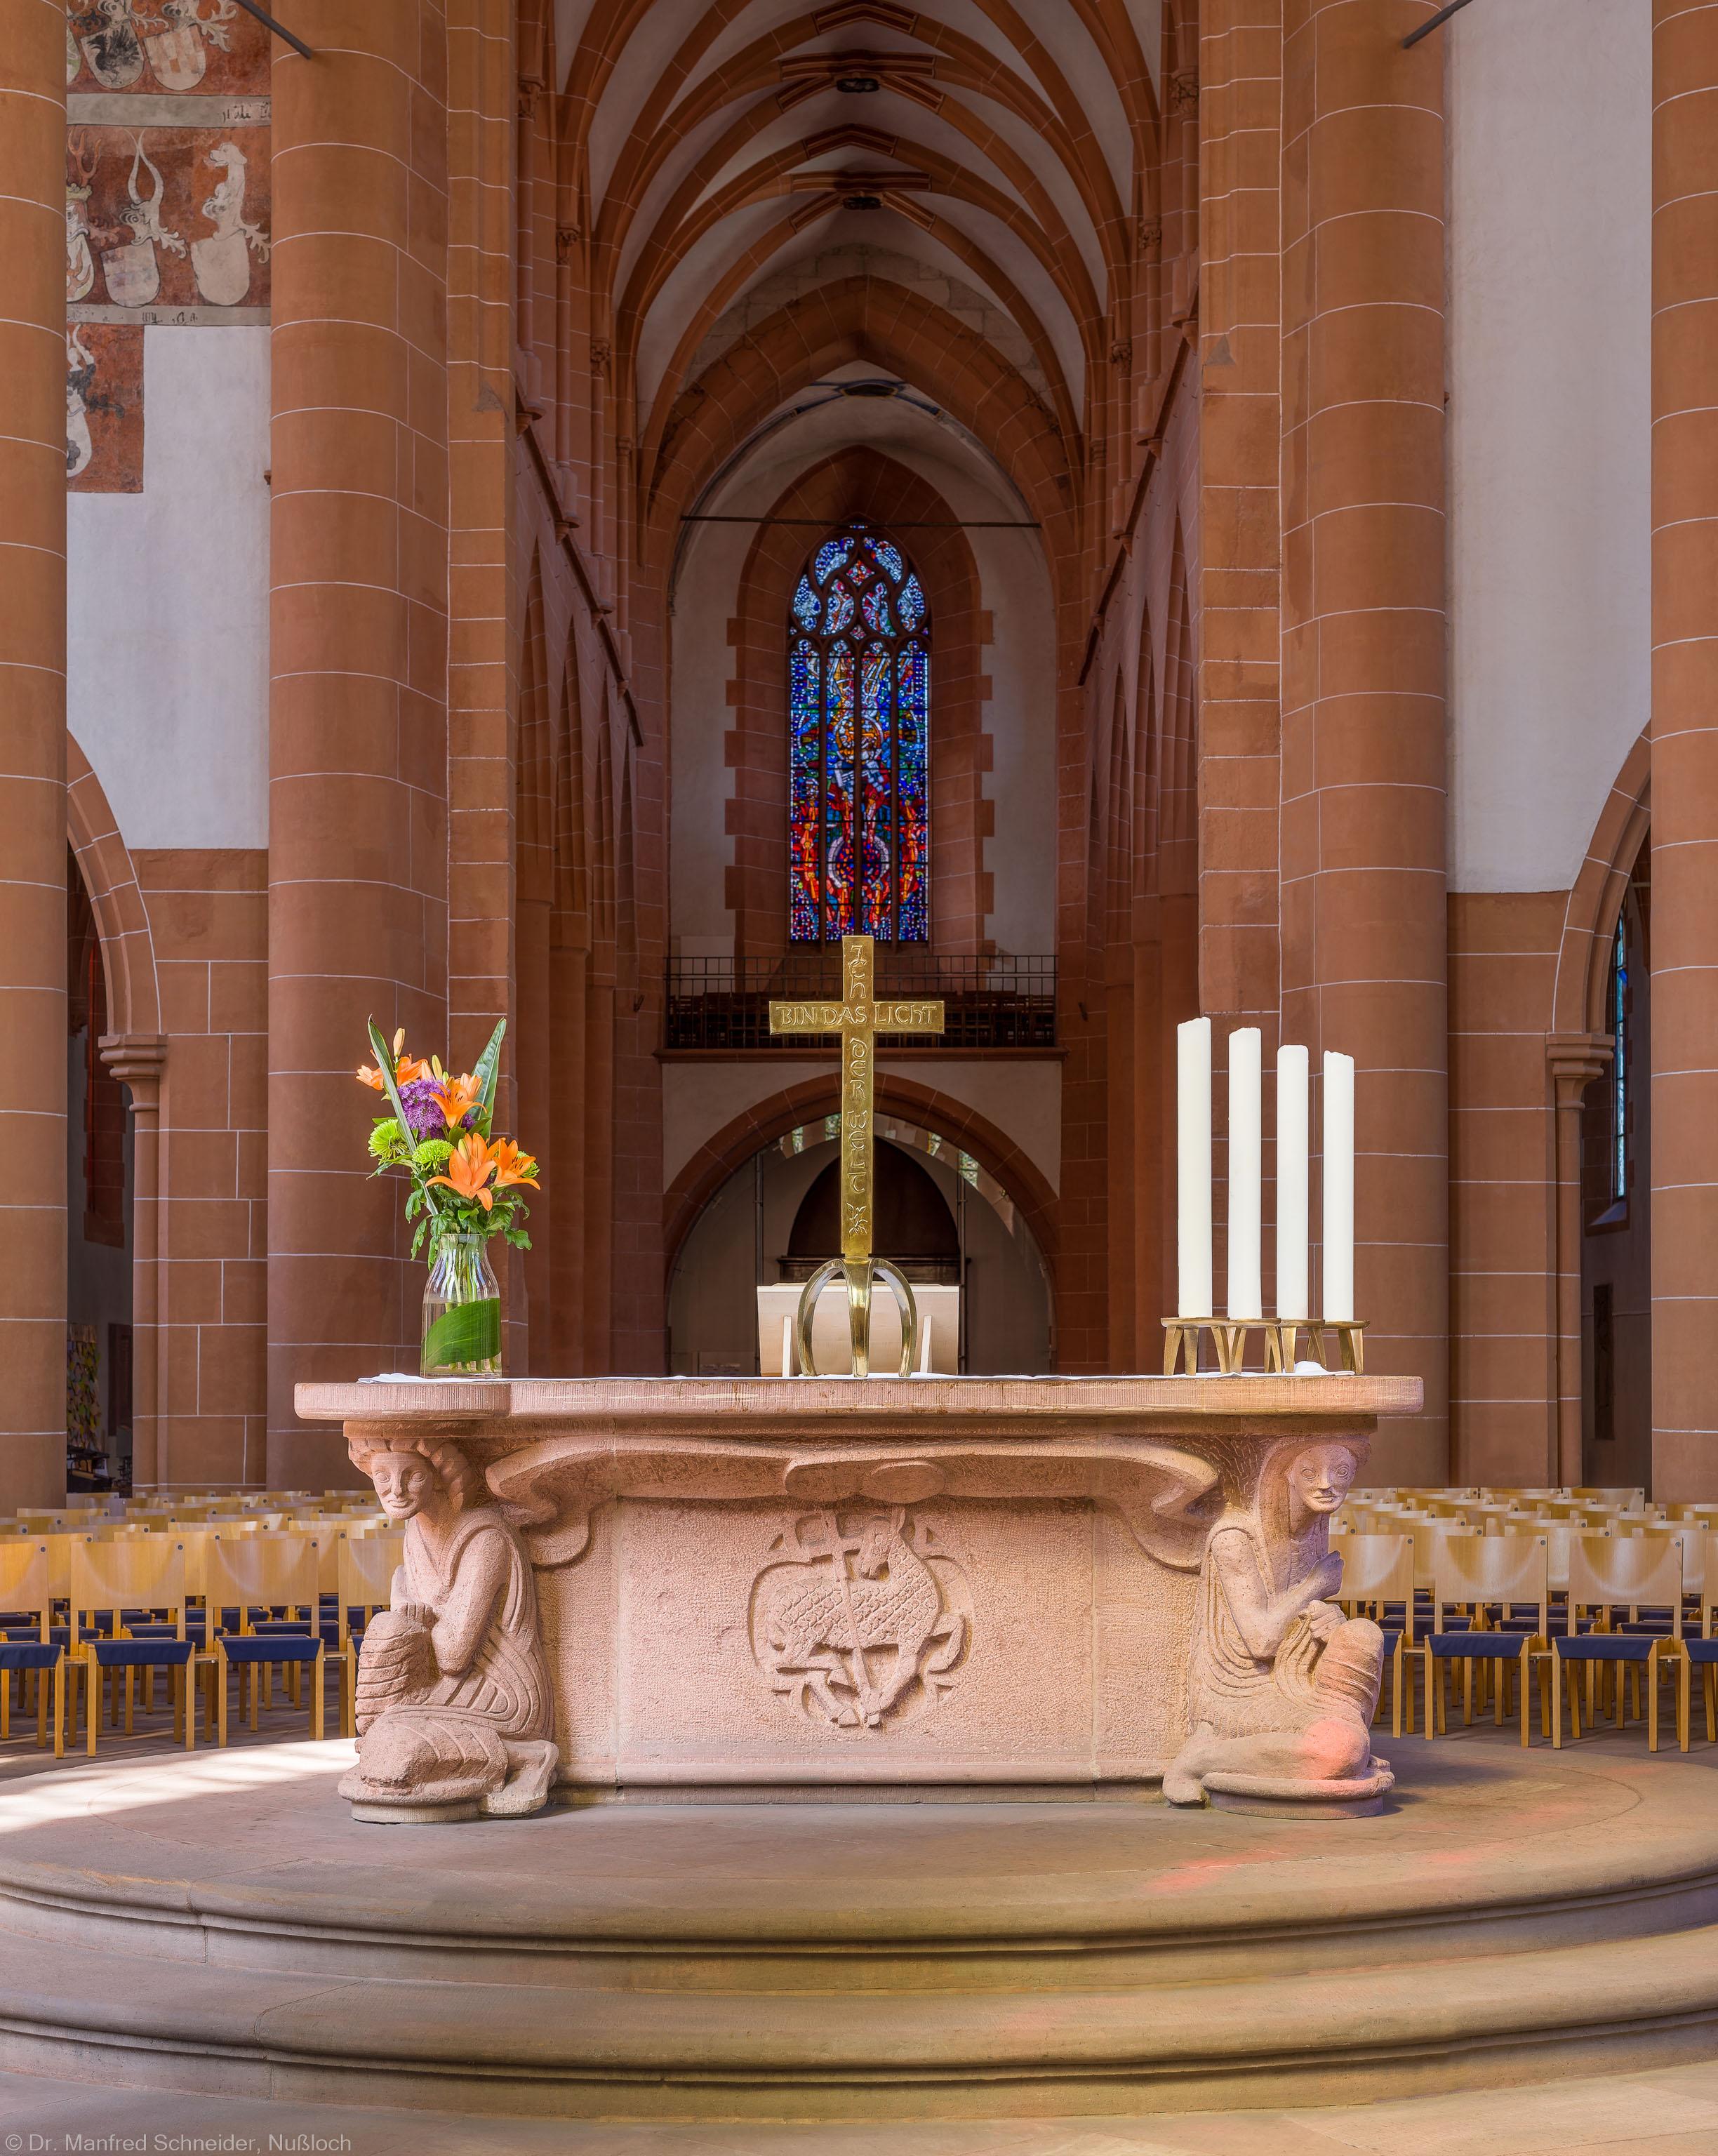 Heidelberg - Heiliggeistkirche - Altar - Ostseite des Altars von Edzard Hobbing (aufgenommen im Juni 2015, am späten Vormittag)